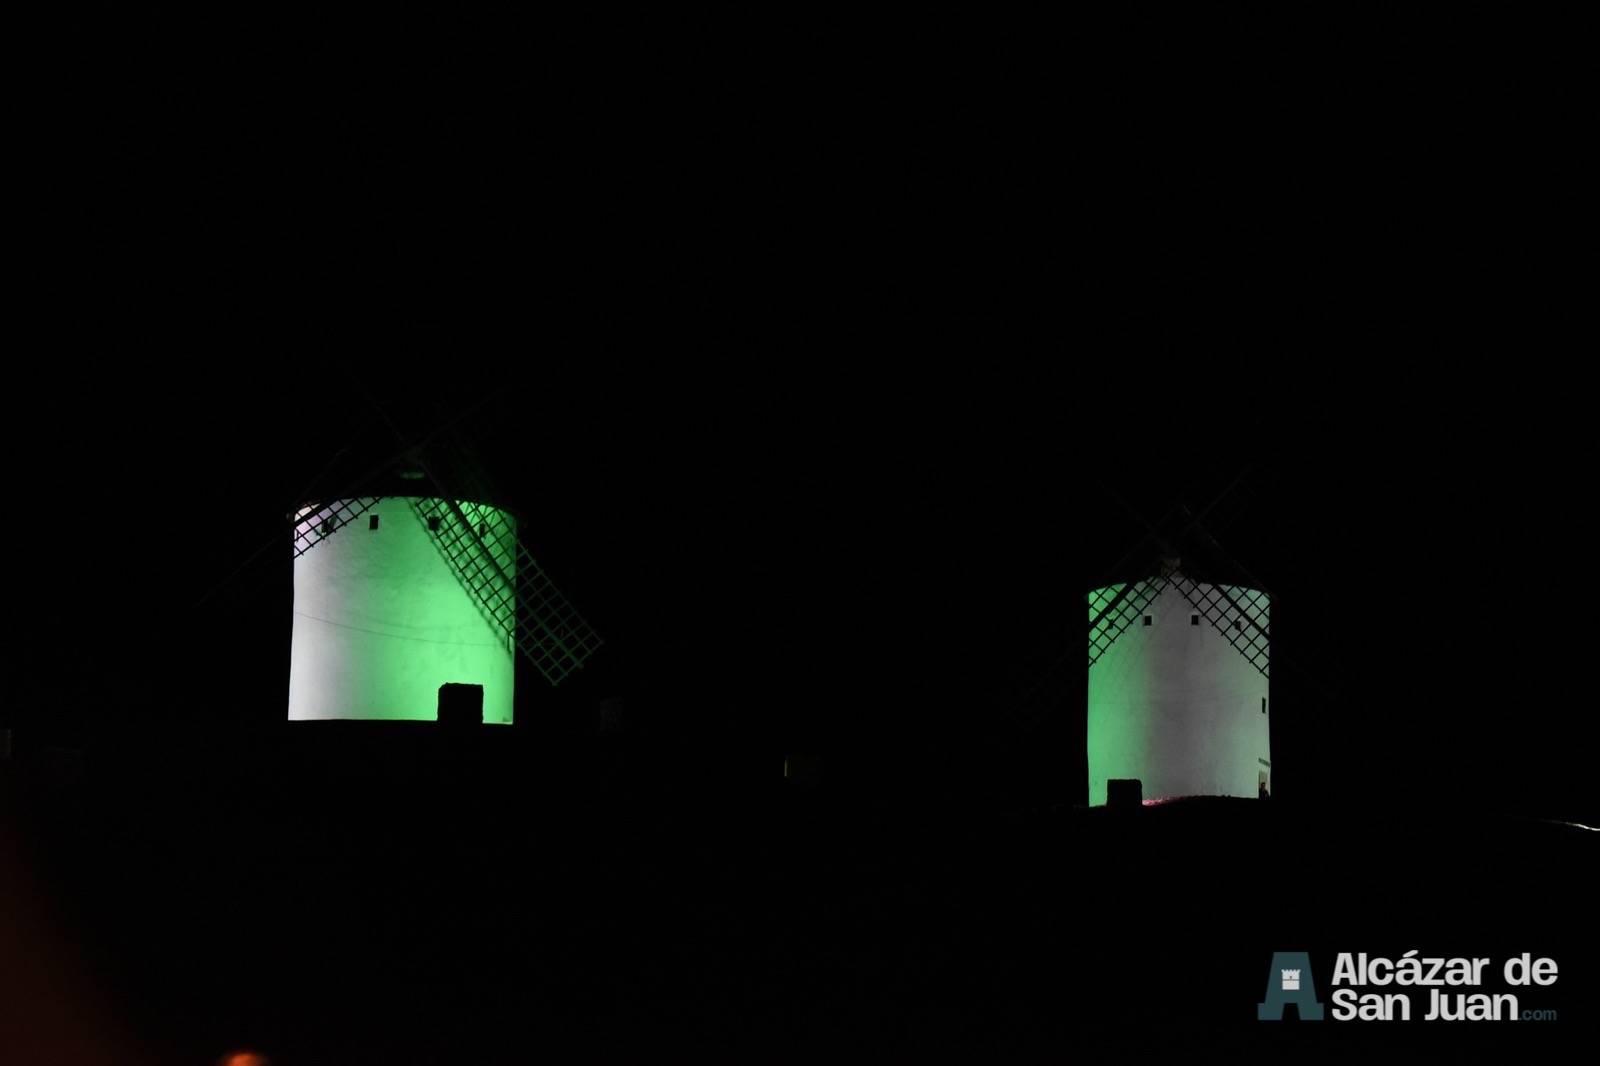 Los molinos de viento de Castilla-La Mancha con iluminación artística como reclamo artístico 5